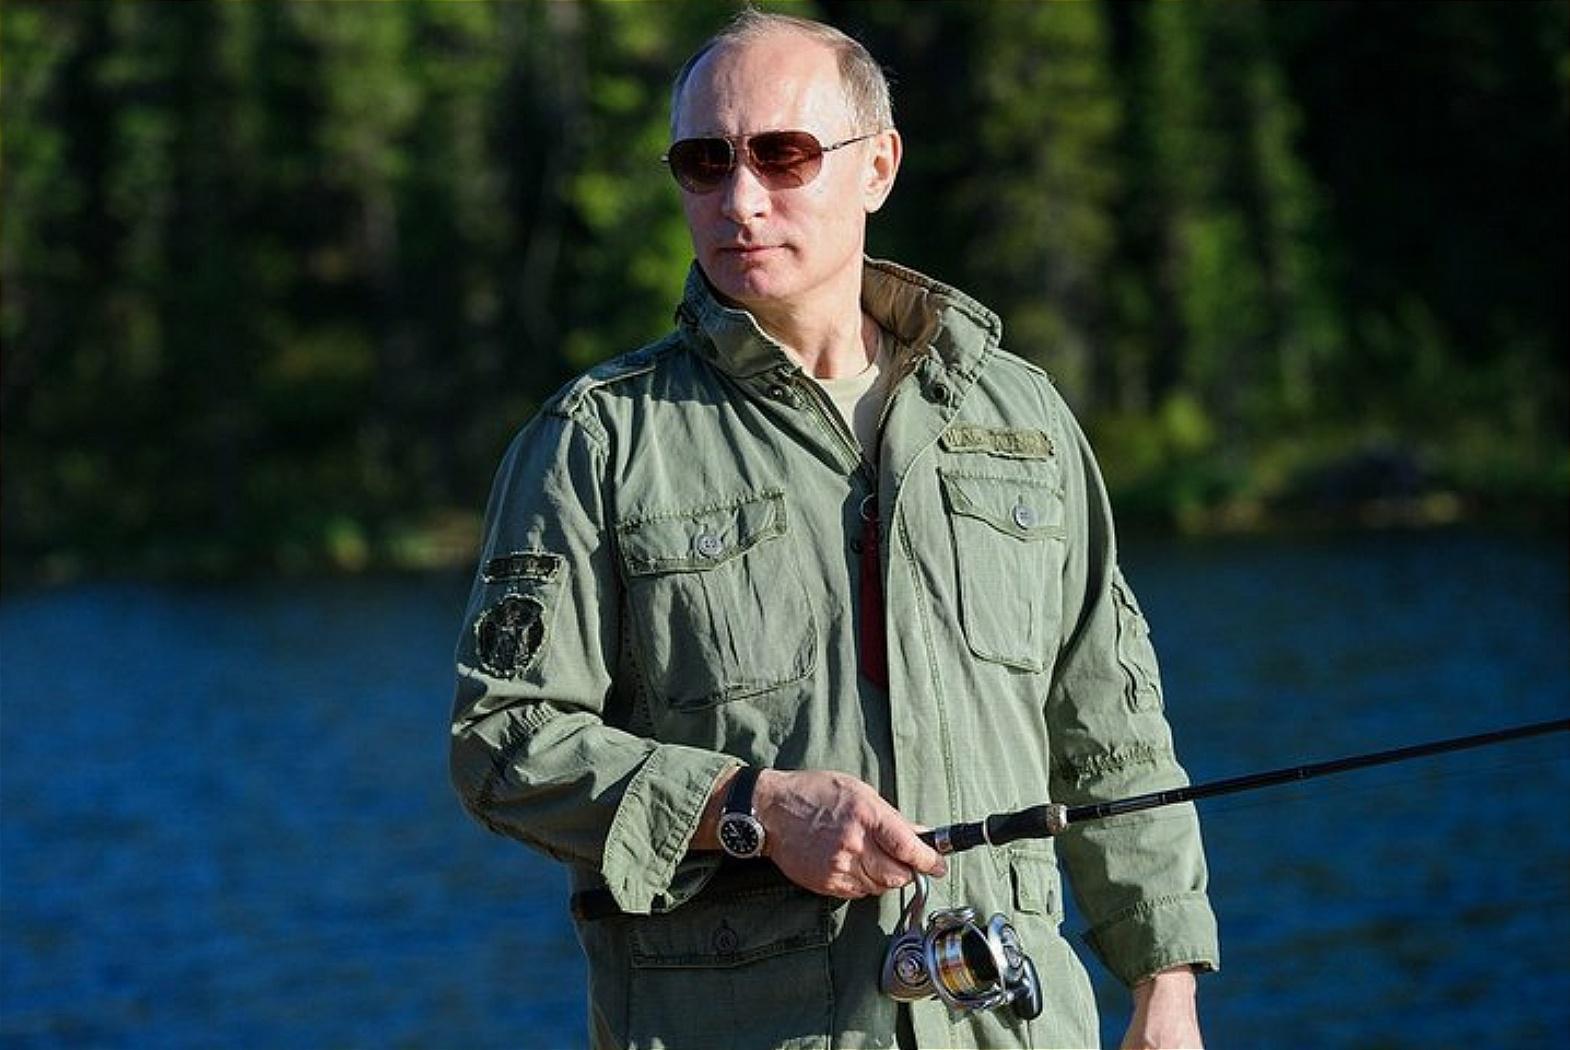 Кто и чем поздравил Путина? | Актуальные вопросы | Вопрос ...